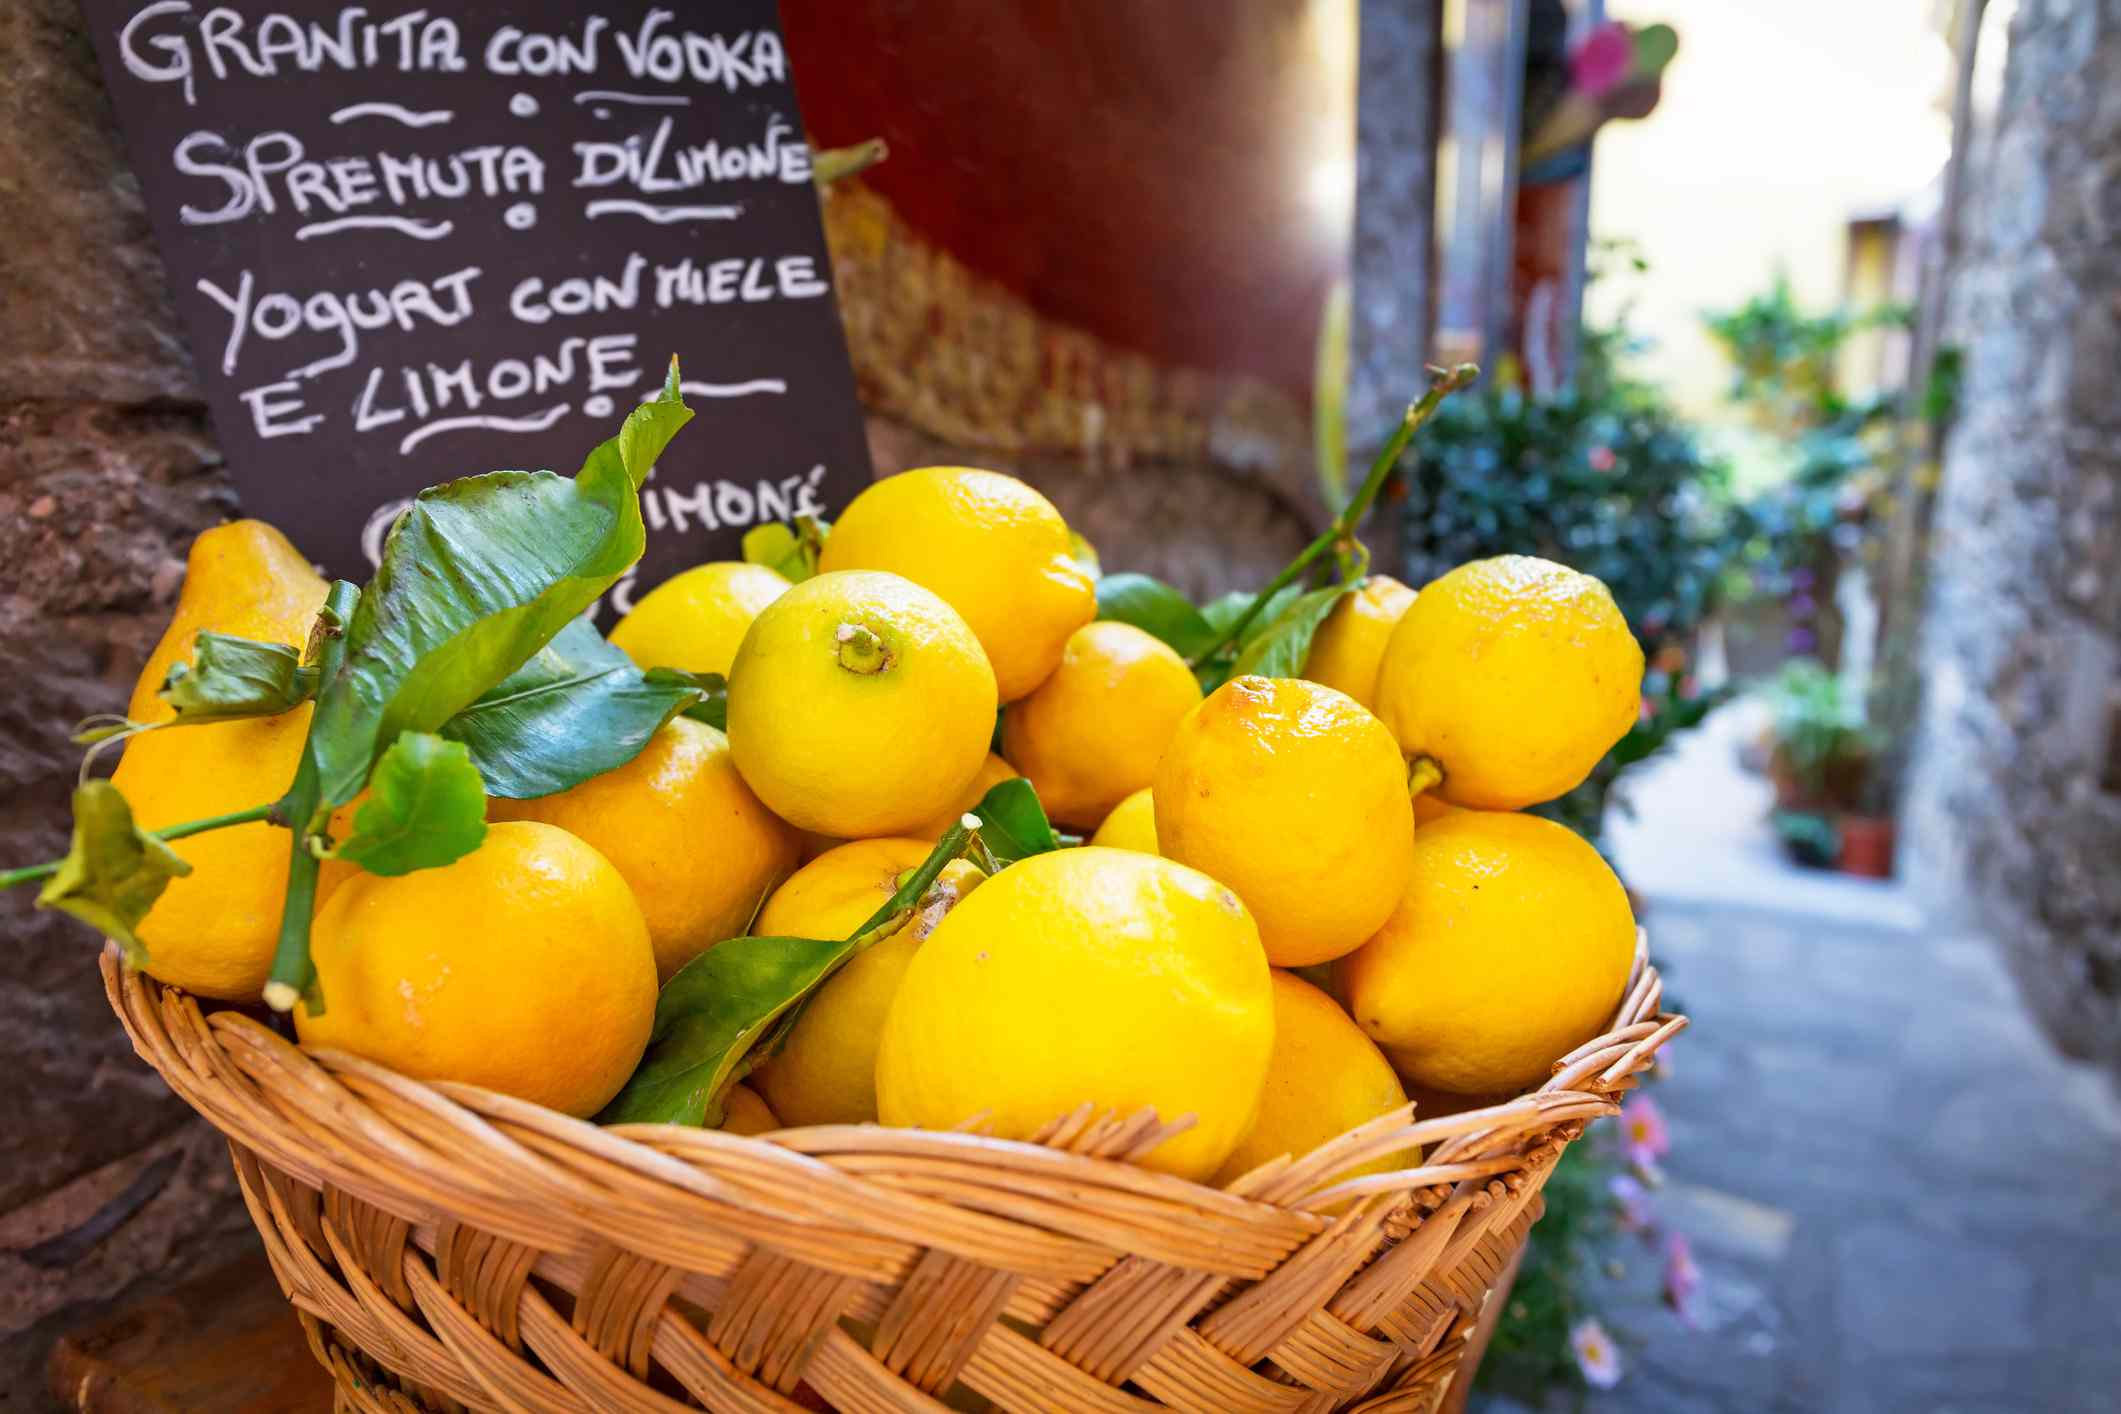 Canasta de limones en Corniglia